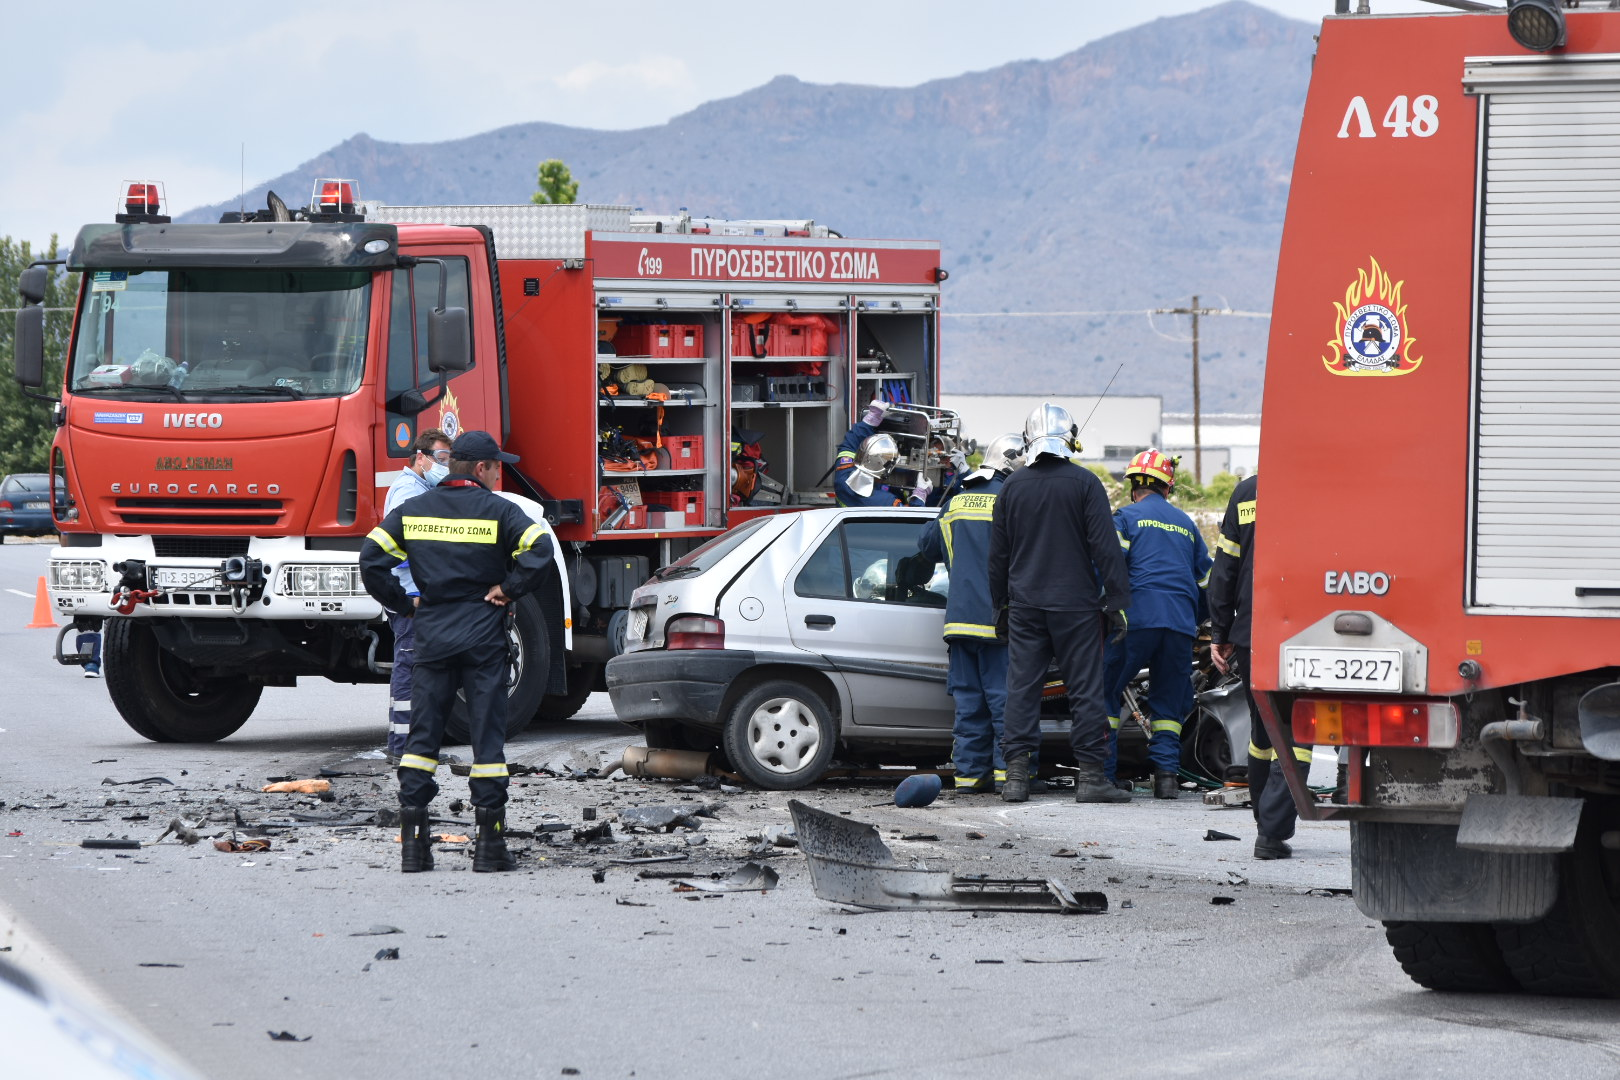 Λάρισα: Θανατηφόρο τροχαίο στον κόμβο Πλατυκάμπου - Σκοτώθηκε νεαρός οδηγός (Δείτε φωτογραφίες)